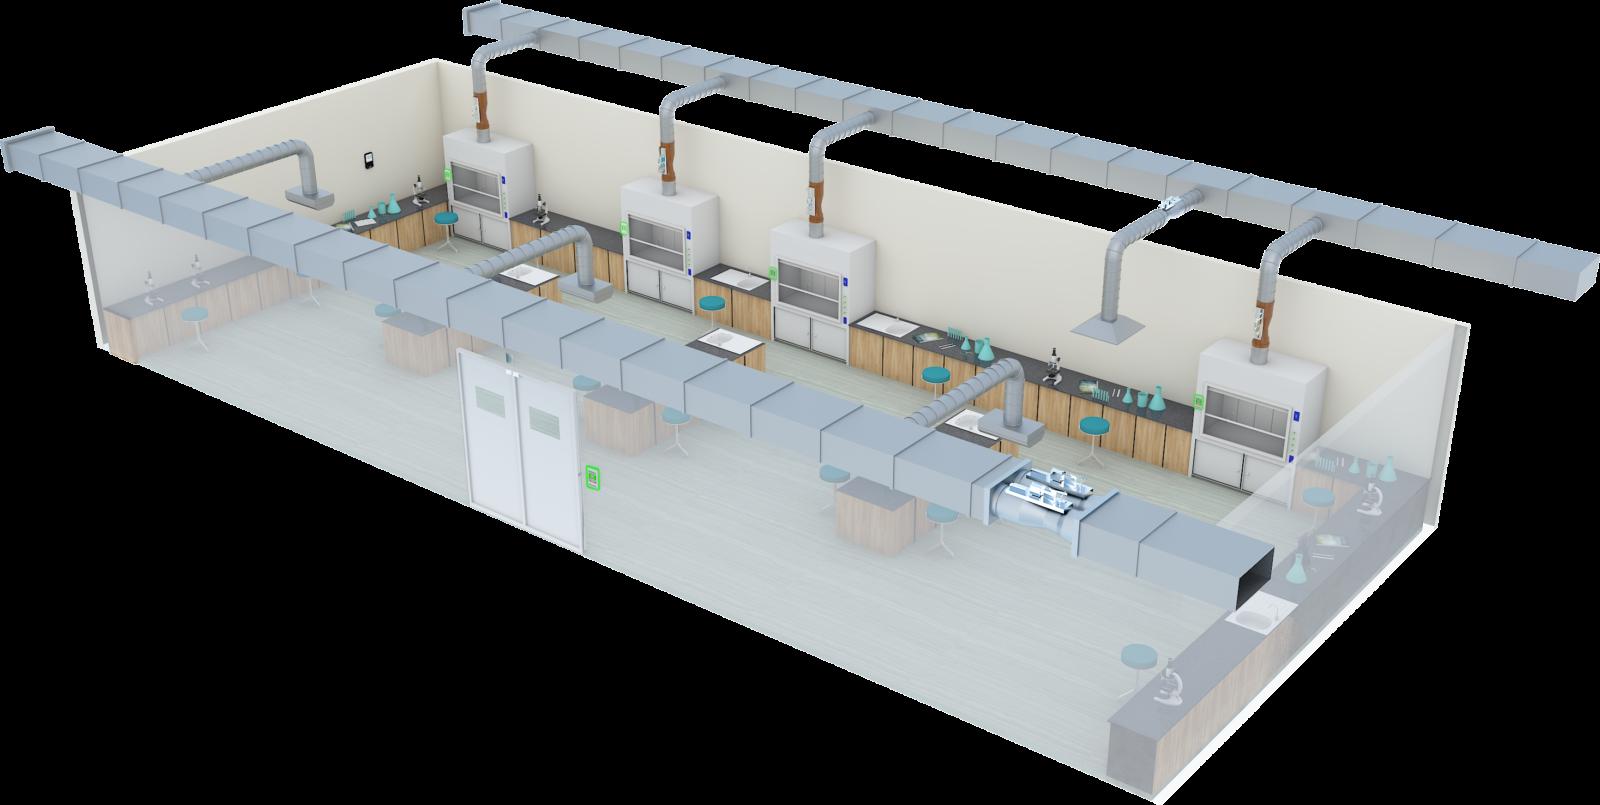 Laboratory HVAC